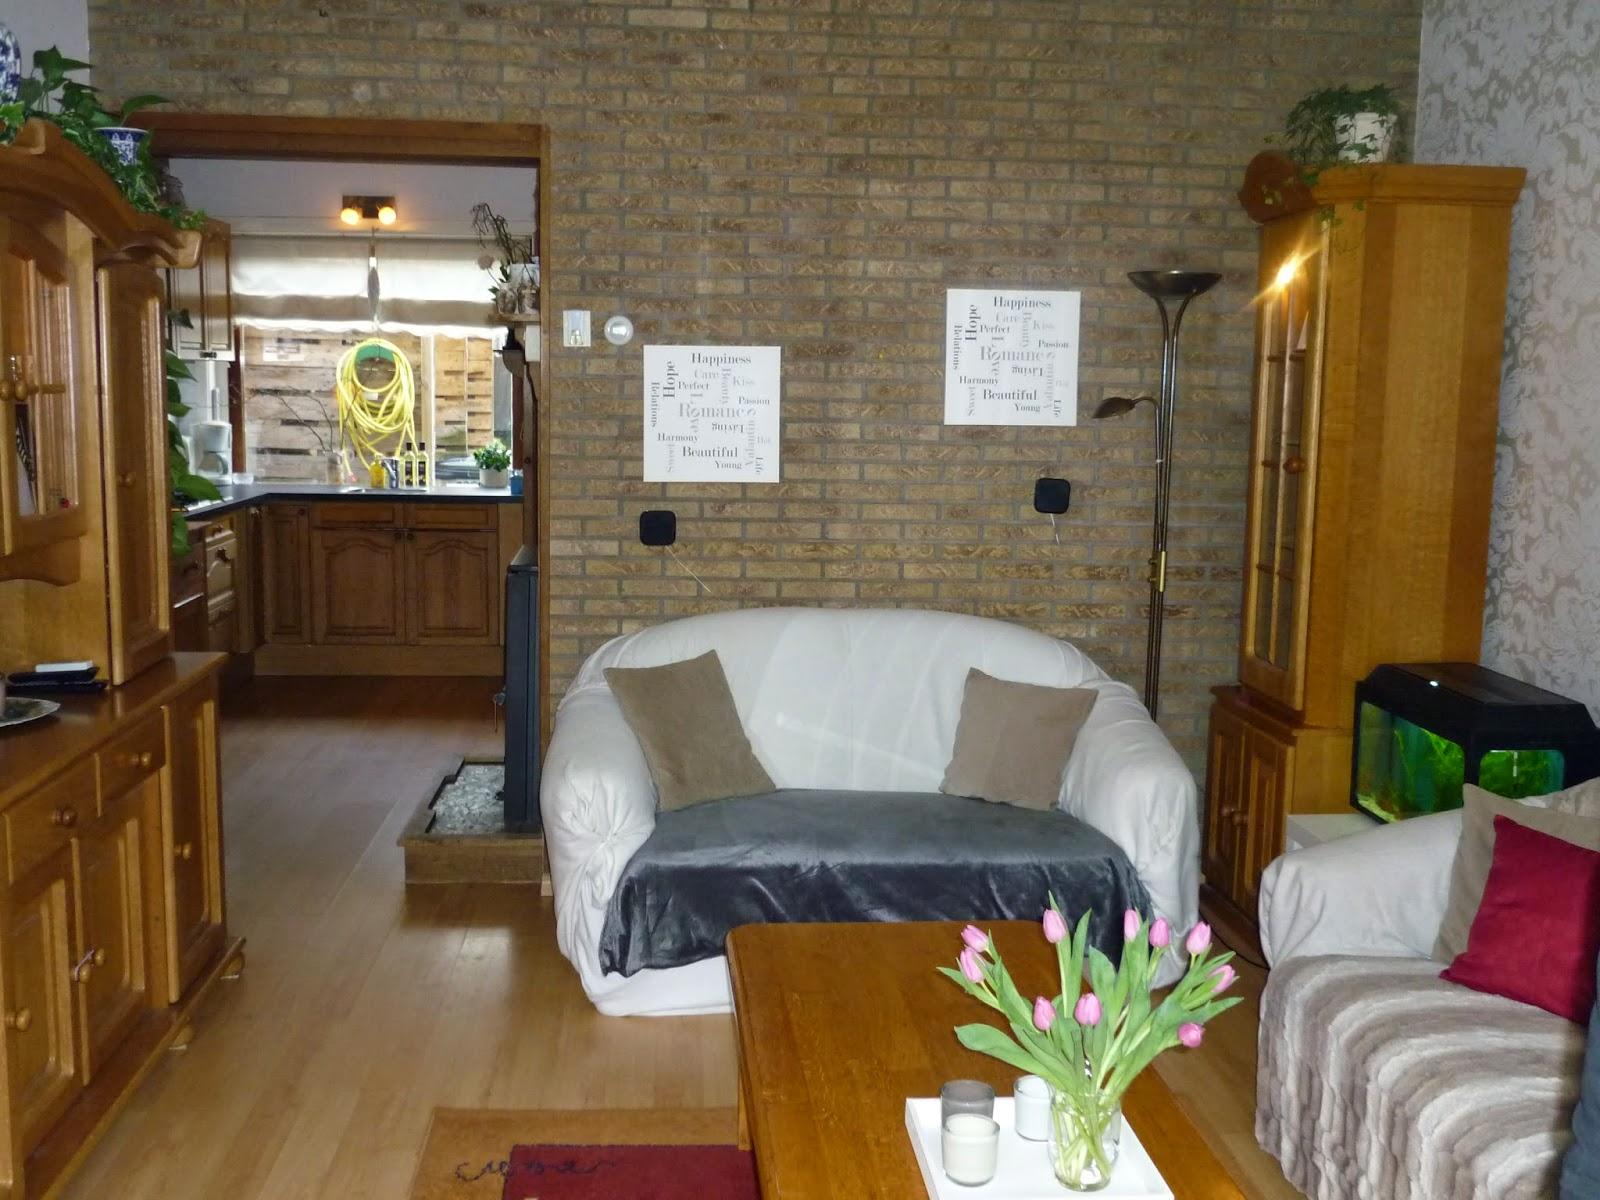 Slopend is het! een huis verkocht zien te krijgen in deze tijden!